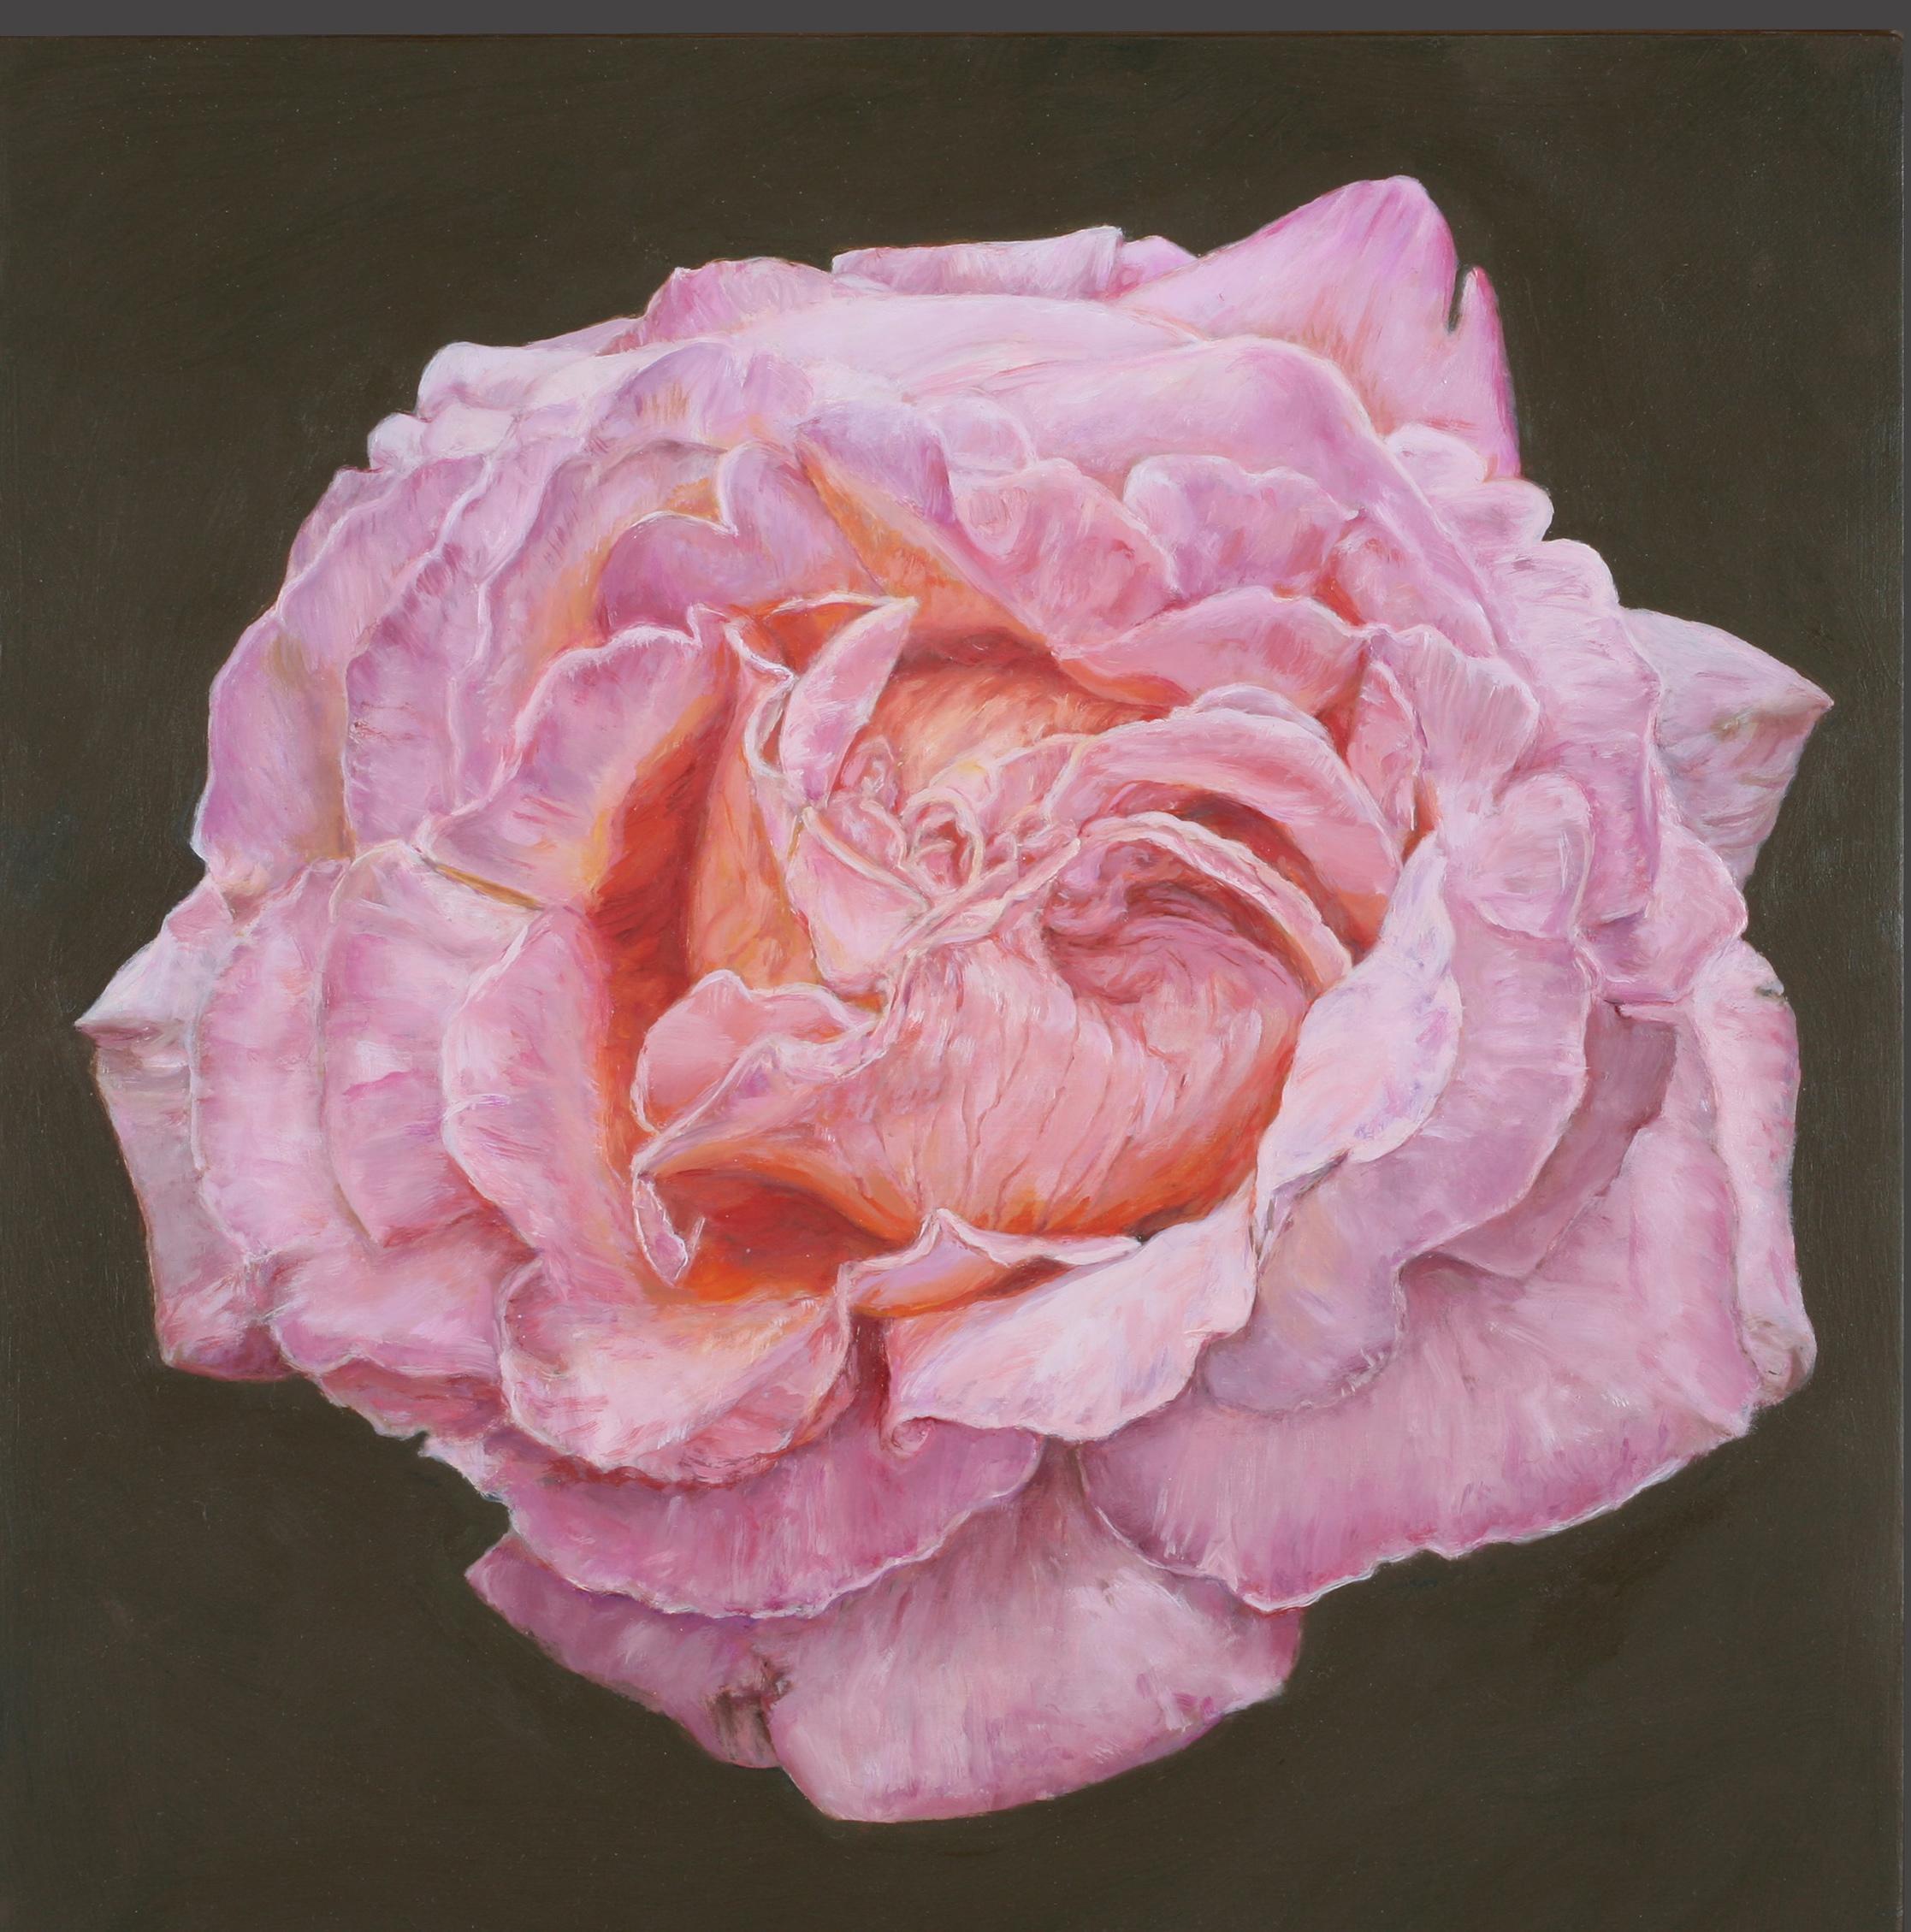 Rose #6